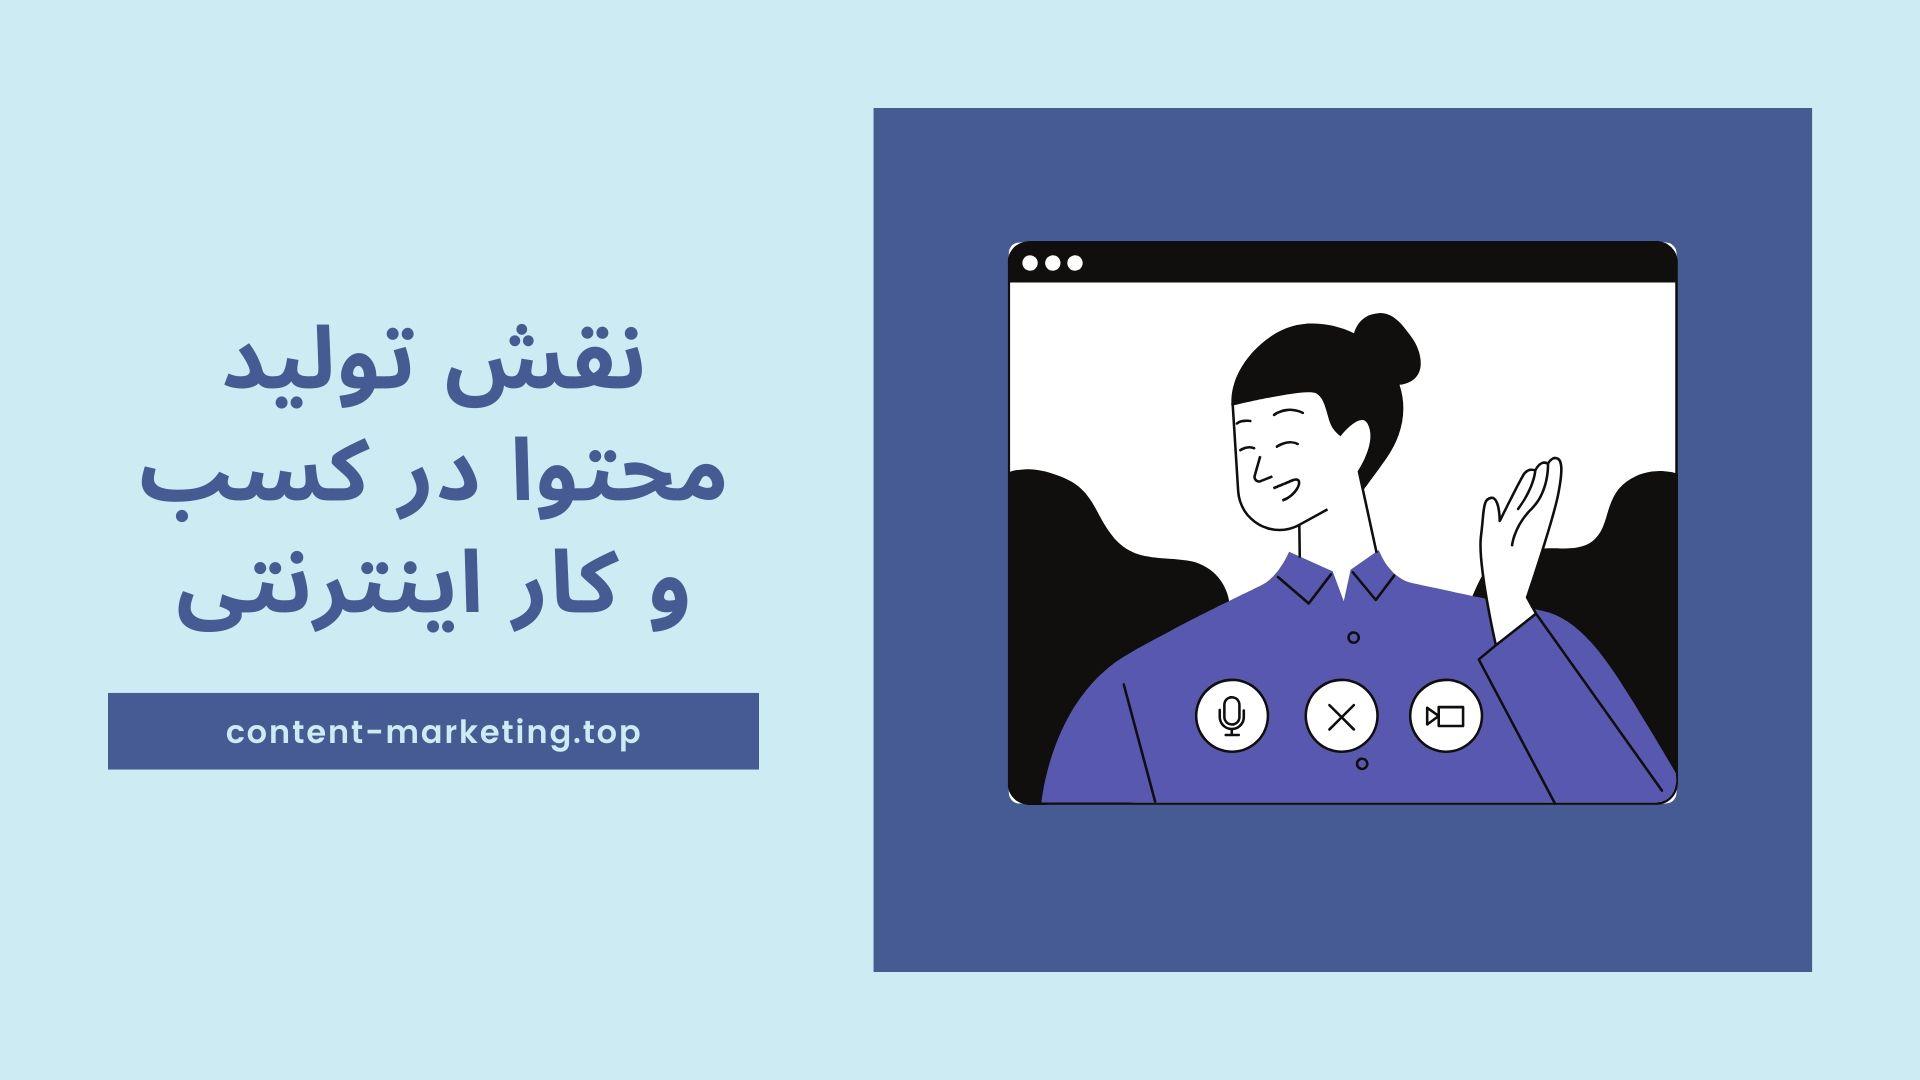 نقش تولید محتوا در کسب و کار اینترنتی